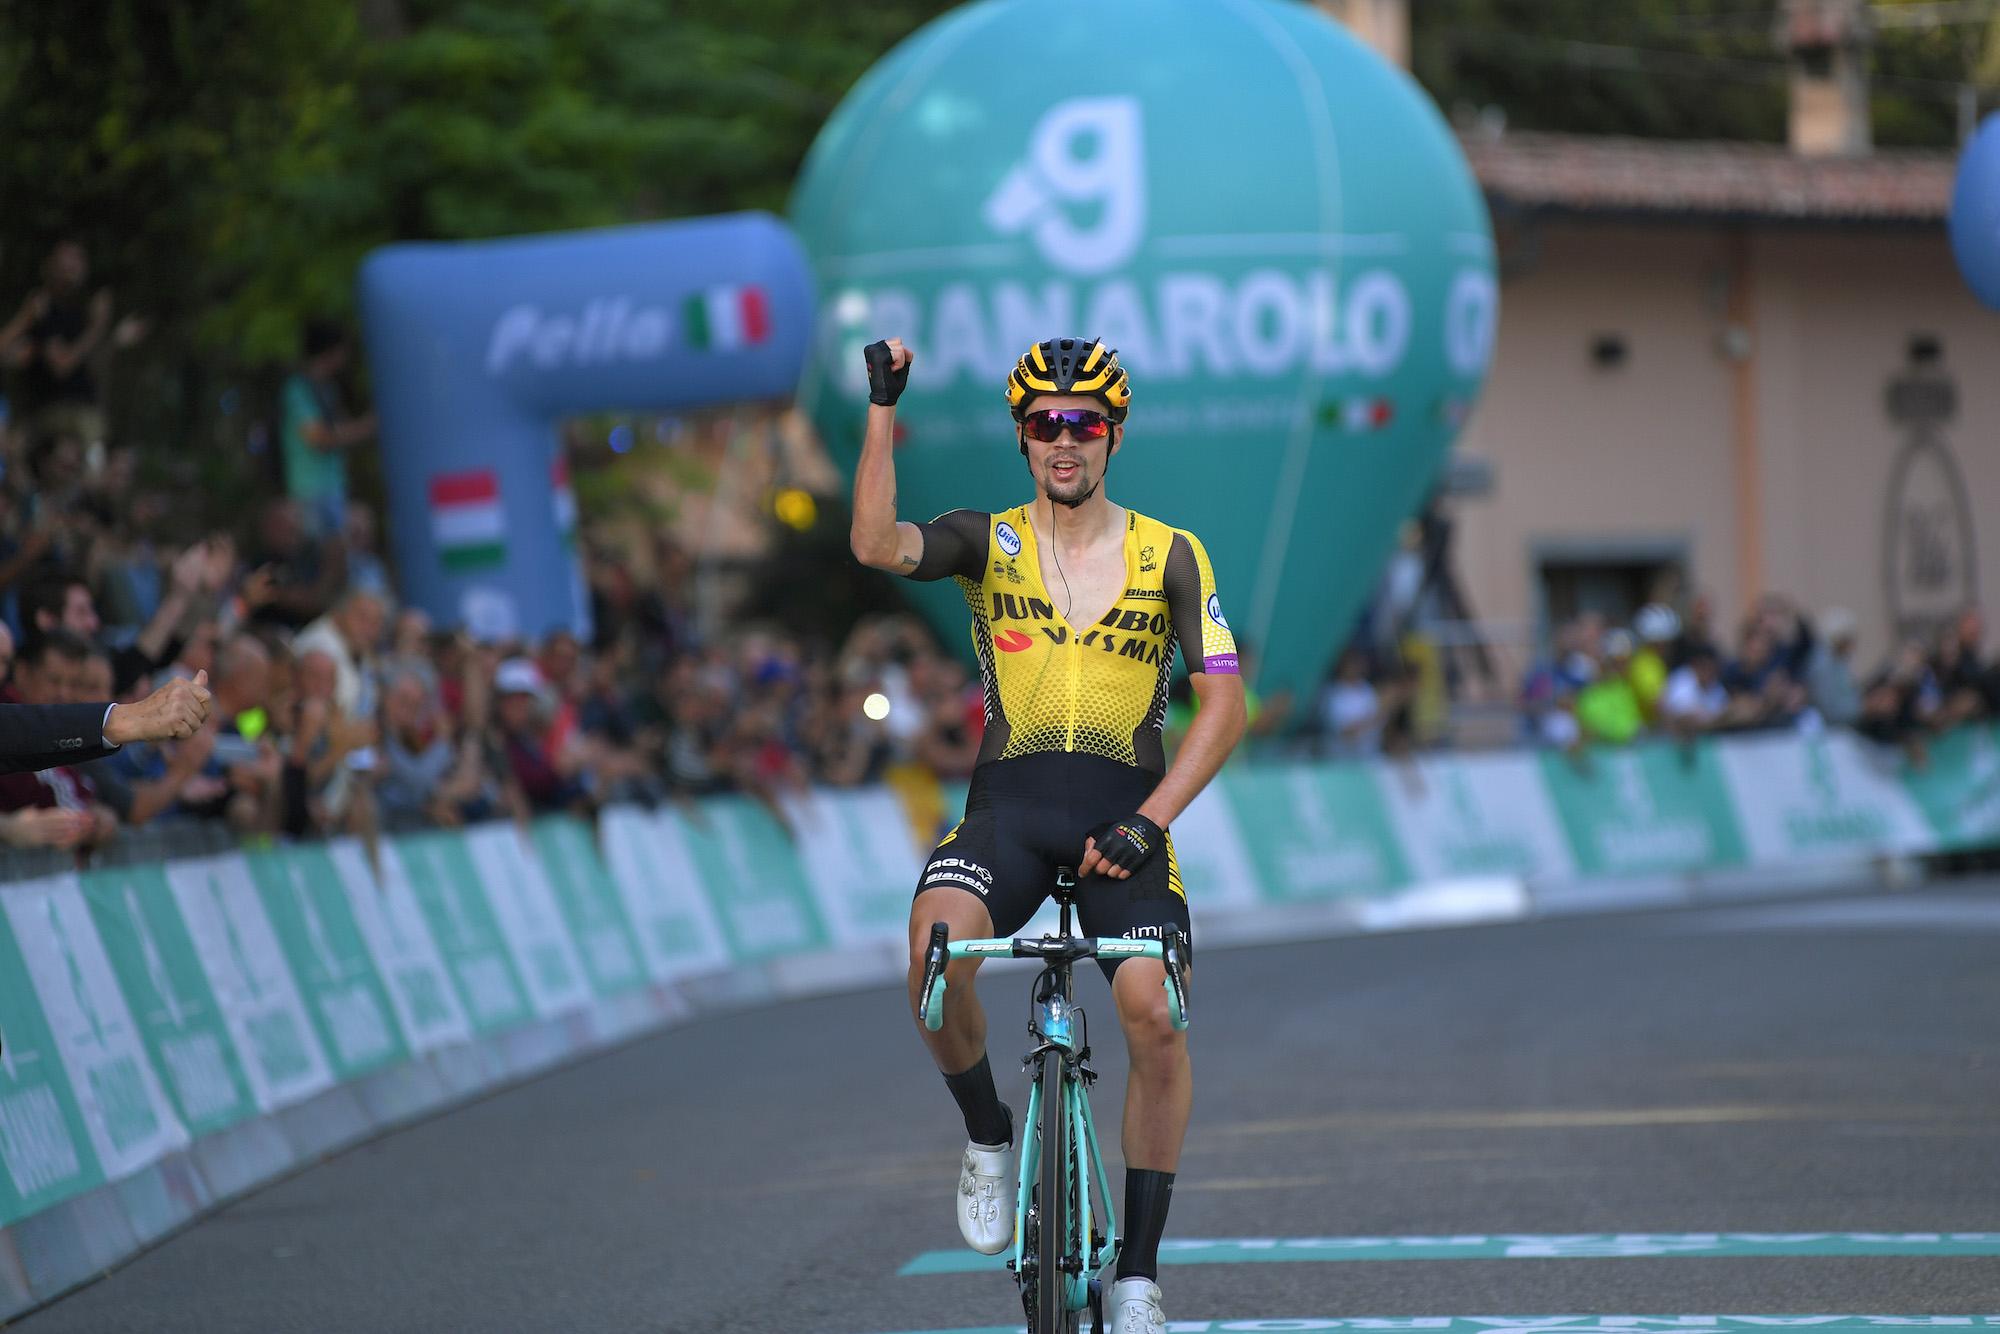 Primož Roglič solos to victory after late attack at Giro dell'Emilia 2019